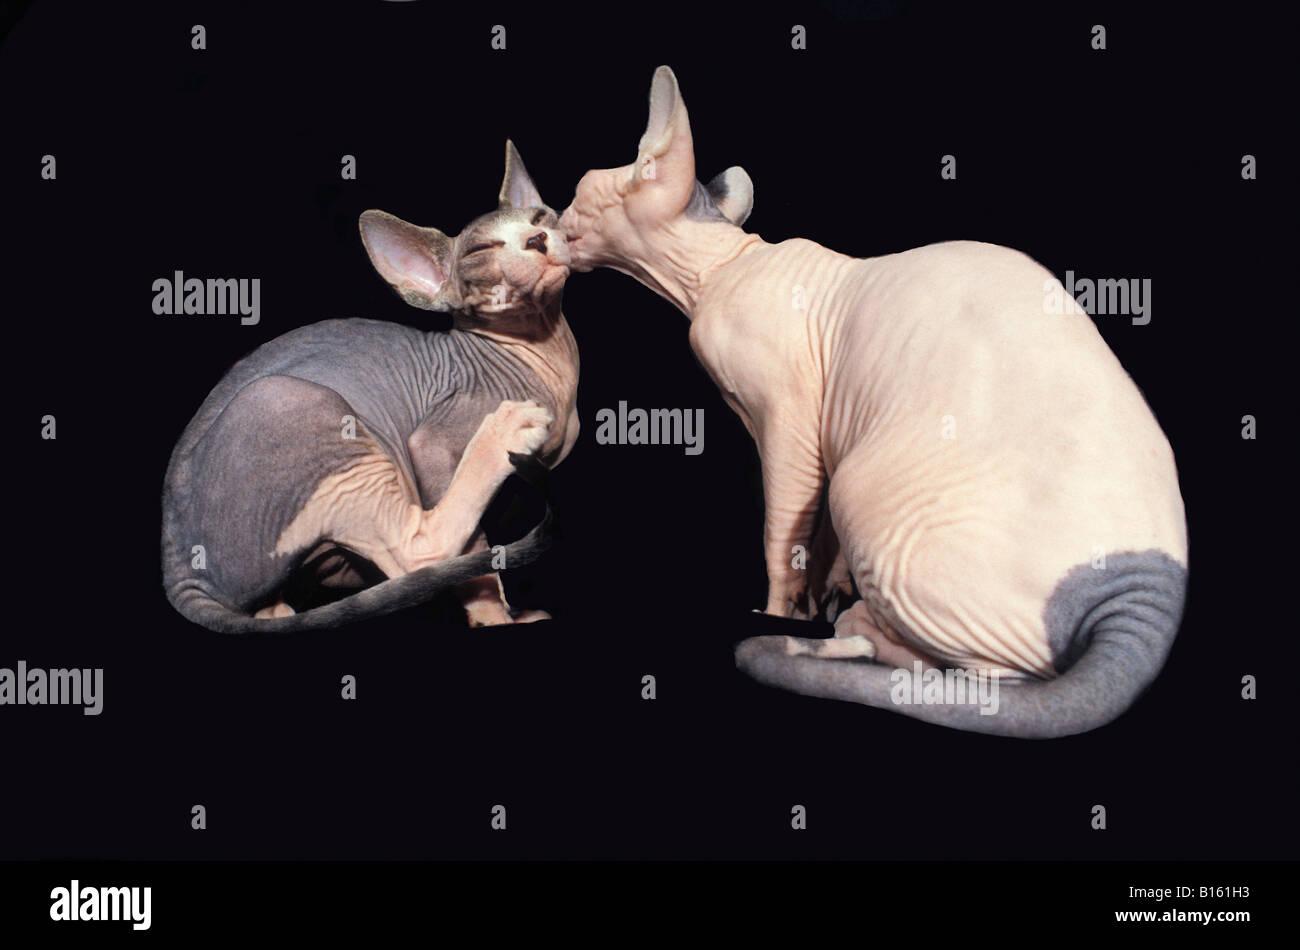 Porträts de chats Sphinx rot selbst Assis En Studio Aktion Aktionen allein Katze Felis Catus Domesticus Katzen Stockbild